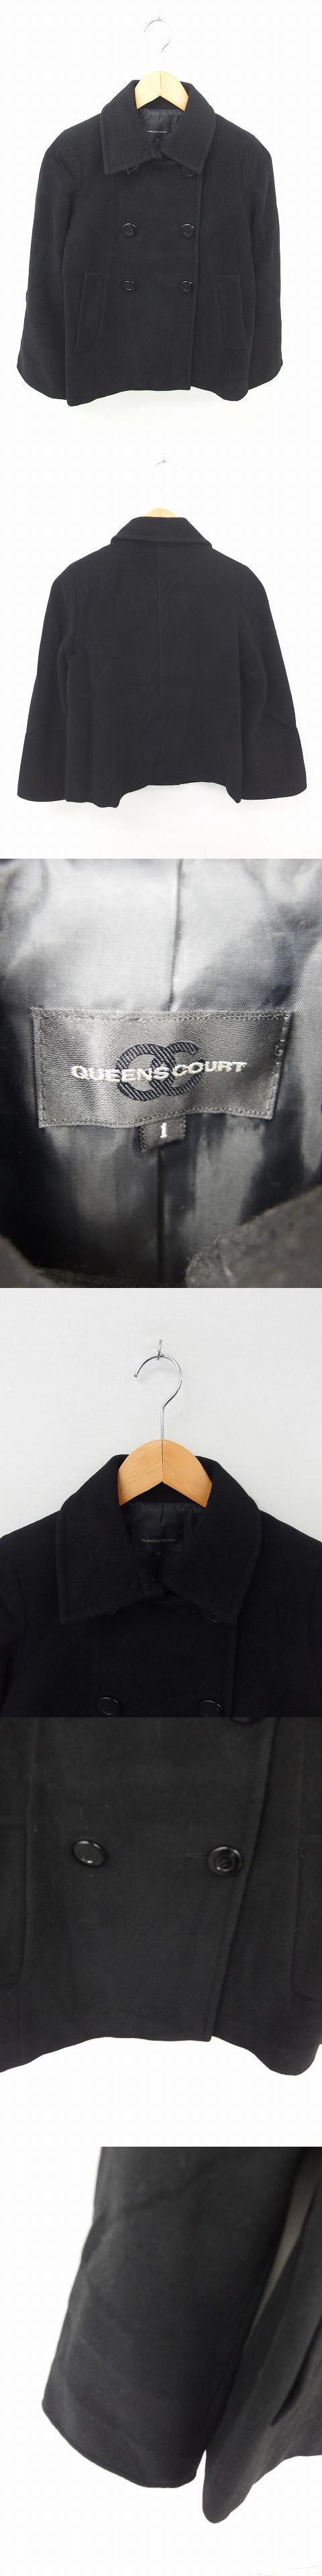 コート アウター ステンカラー ショート ダブルボタン アンゴラ ウール混 1 黒 ブラック /TT47